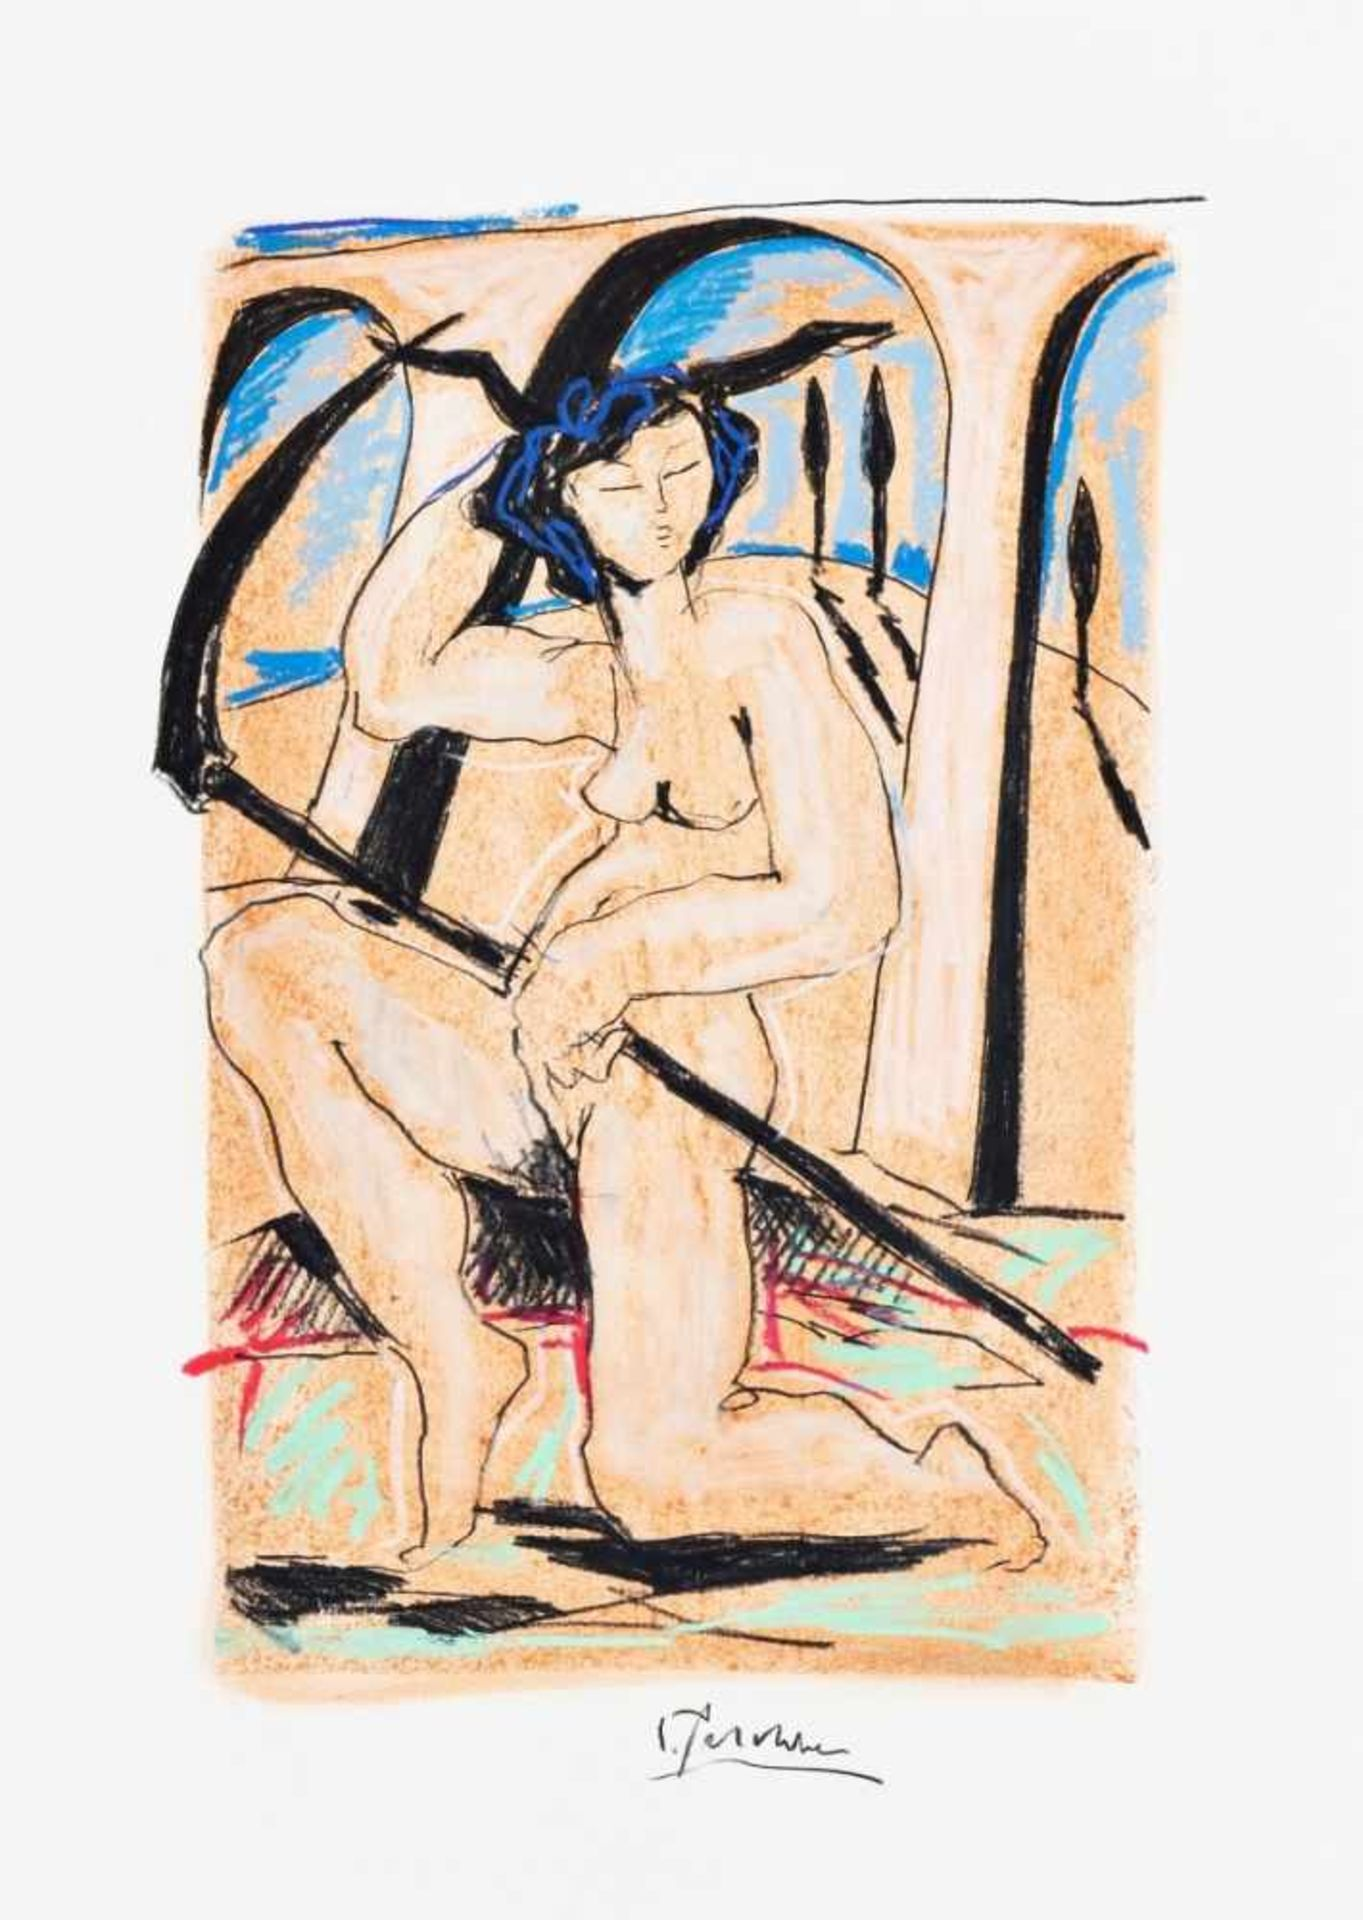 Los 66 - CHRISTIAN PESCHKE(1946 BAD SÄCKINGEN - 2017)o. T.Mischtechnik (Farbkreide) auf Papier,70 x 50 cm,